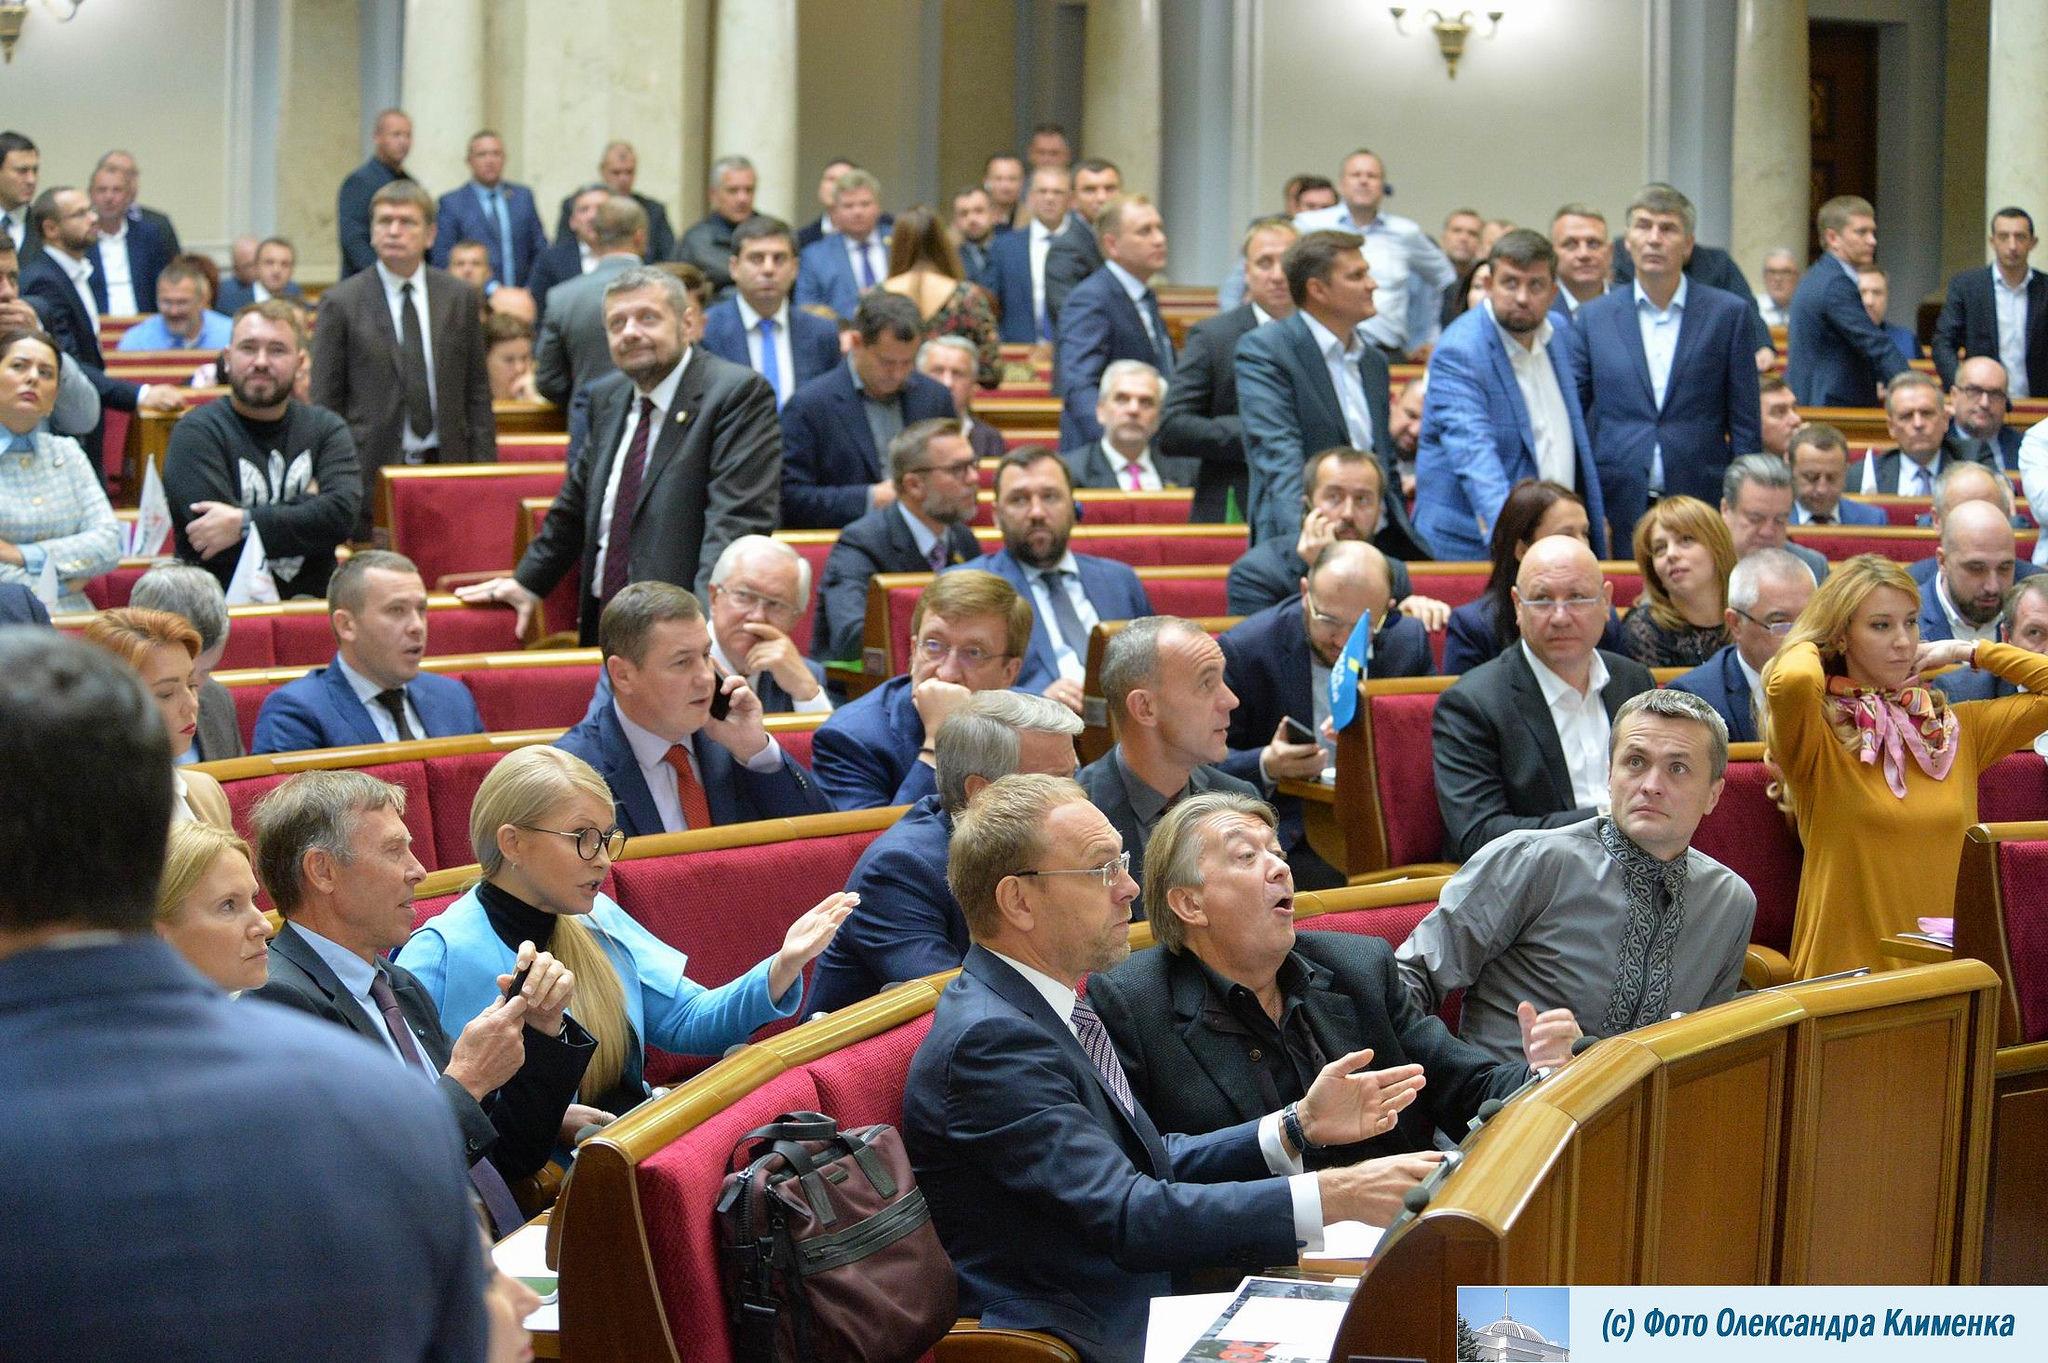 Закрытие СМИ может негативно повлиять на имидж Украины на Западе